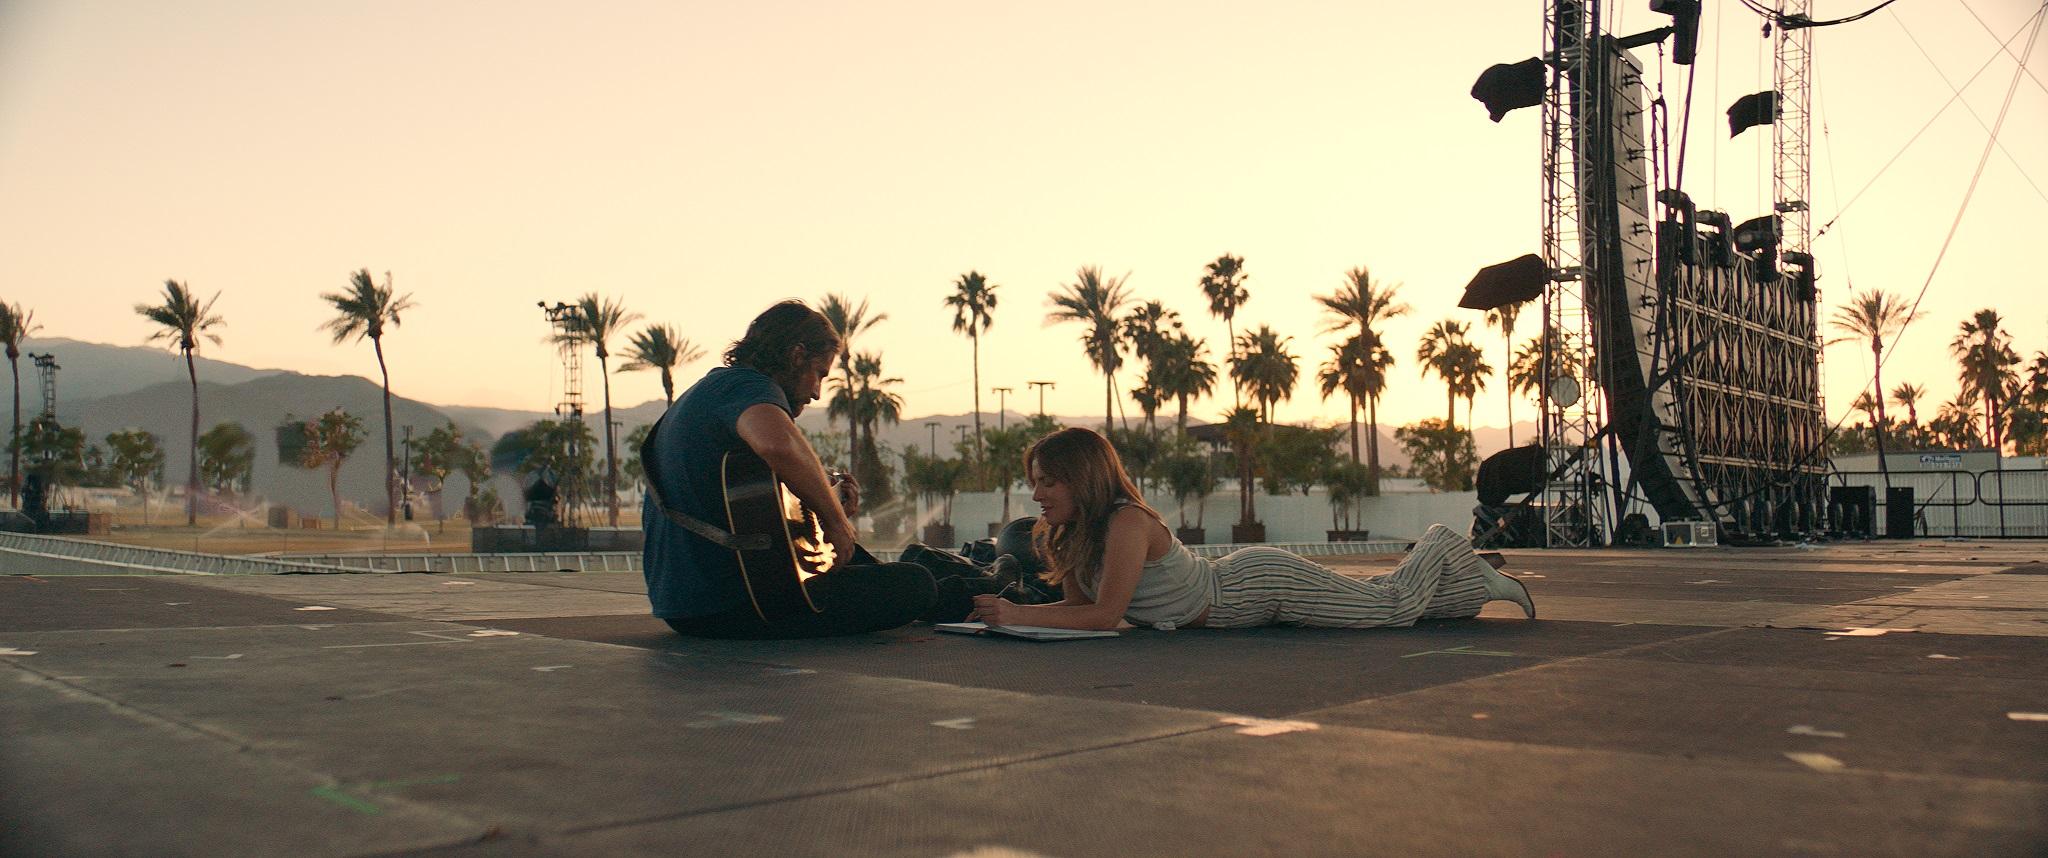 """Om inte """"Roma"""" vinner så tippar vi att Cooper (som regisserade A Star is Born"""" triumferande kan lyfta en statyett 24:e februari. Foto: Fow/Paramount"""